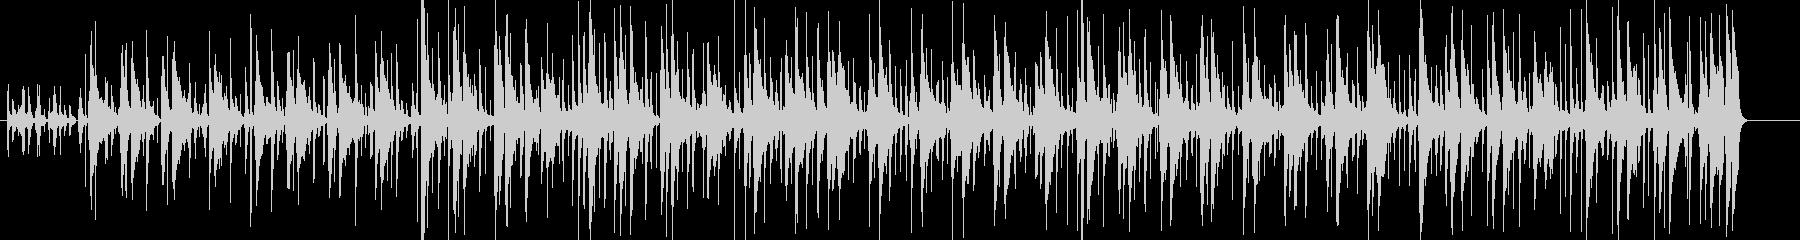 ウクレレが特徴的な南国リゾート風BGMの未再生の波形